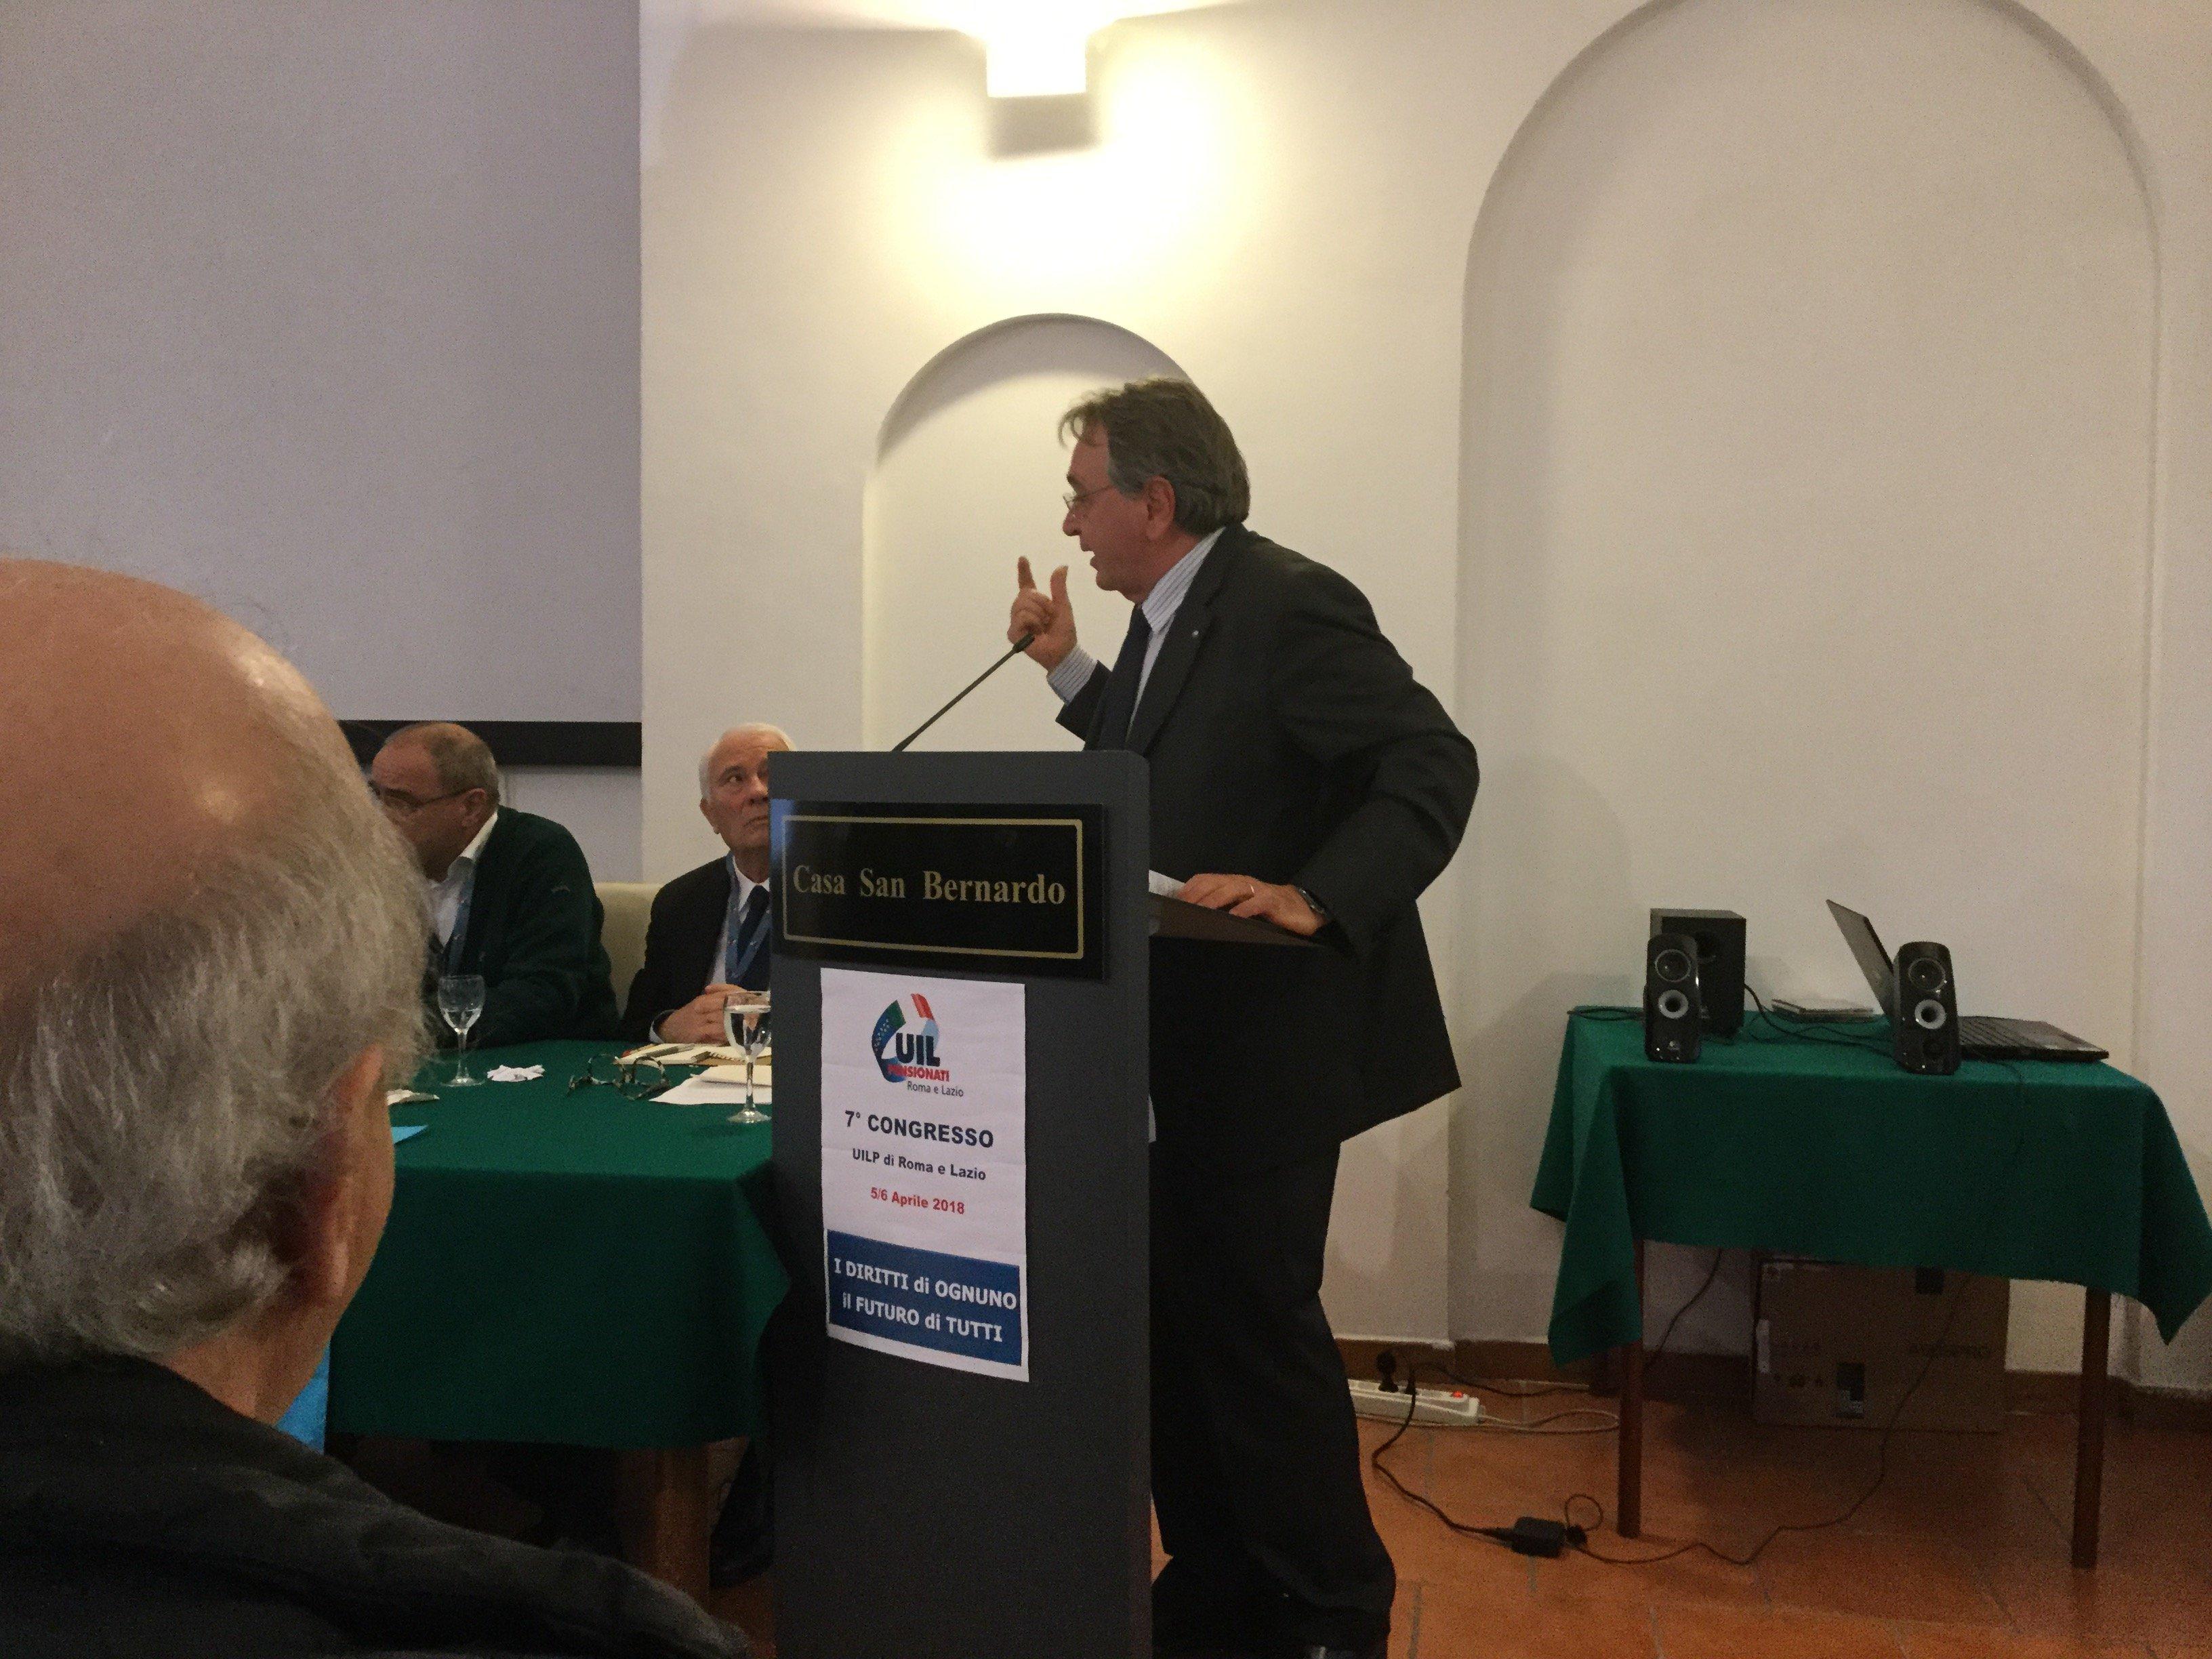 Affrontare e risolvere le criticità della sanità del Lazio